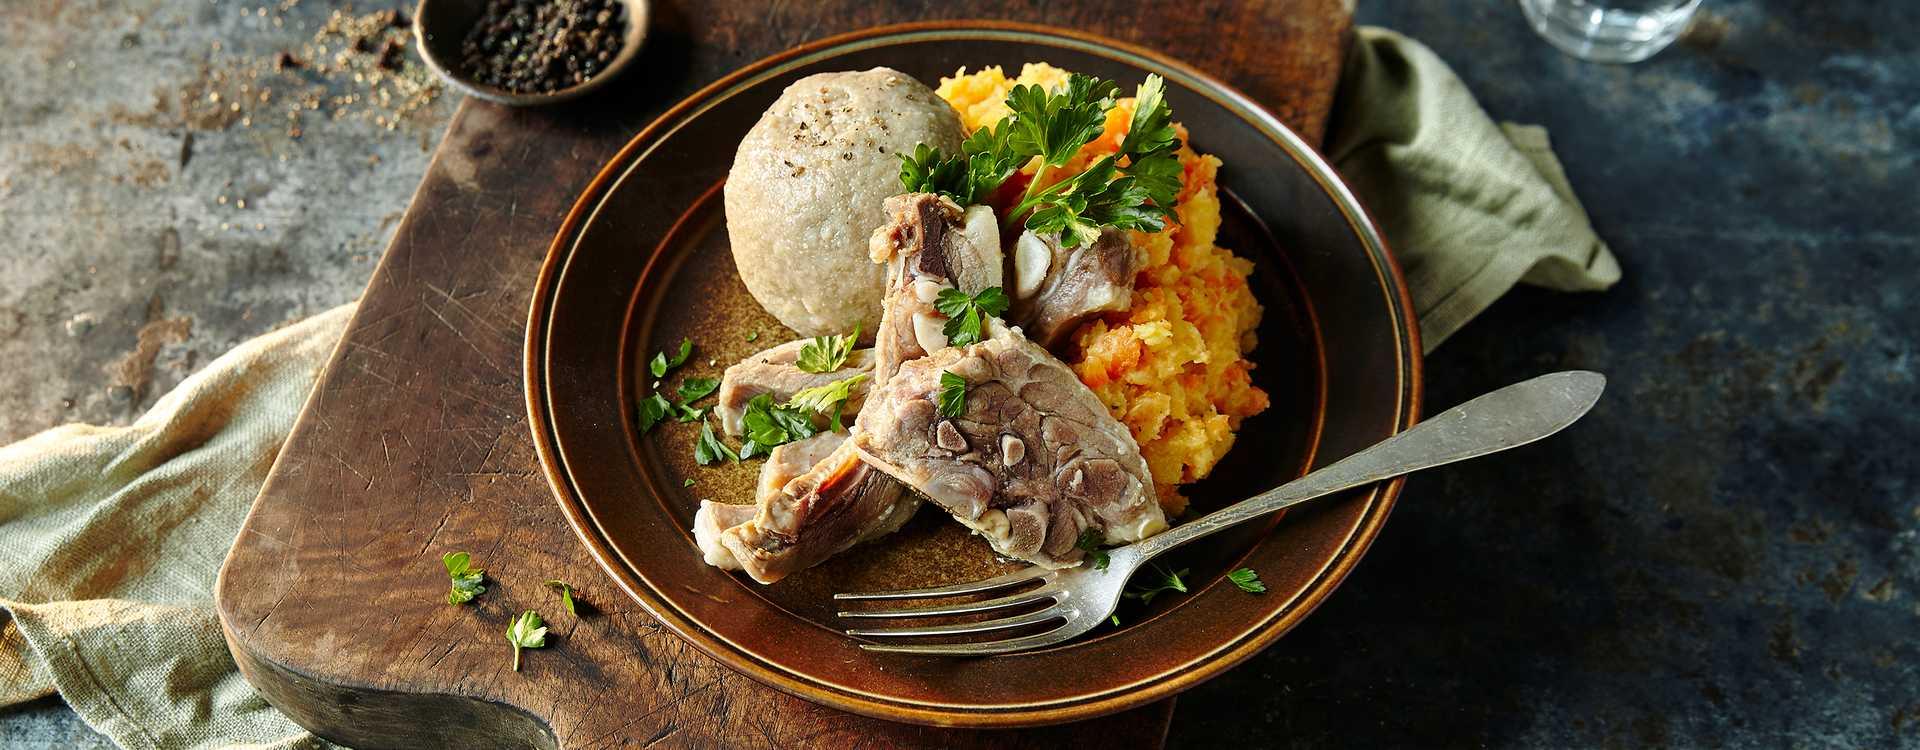 Salt lammekjøtt, komle og kålrotstappe